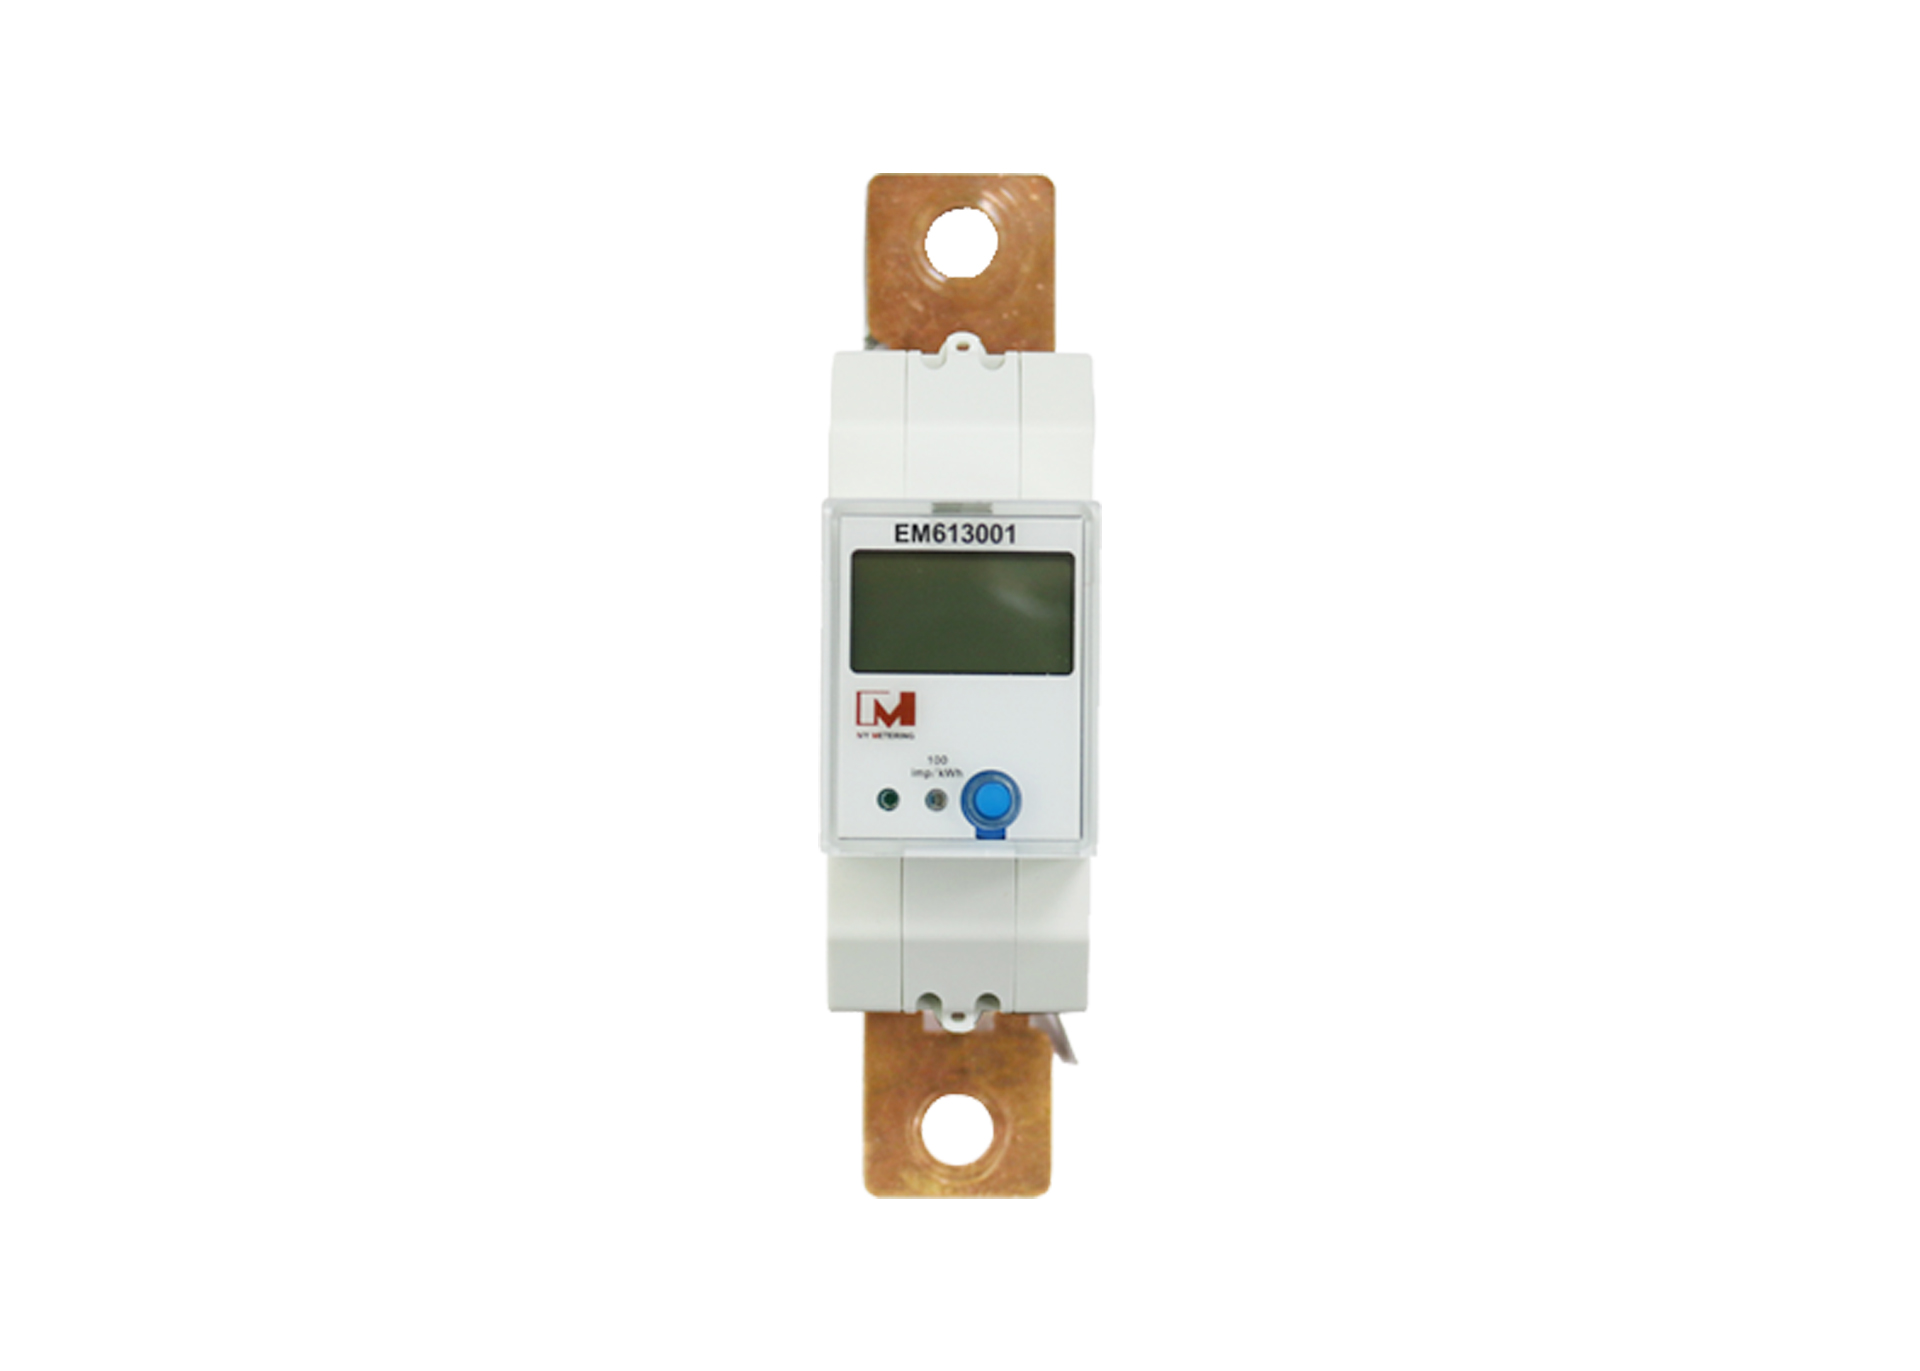 EM613001 Shunt Sampling RS485 IOT Electric Smart Solar Meter for PV Inverter